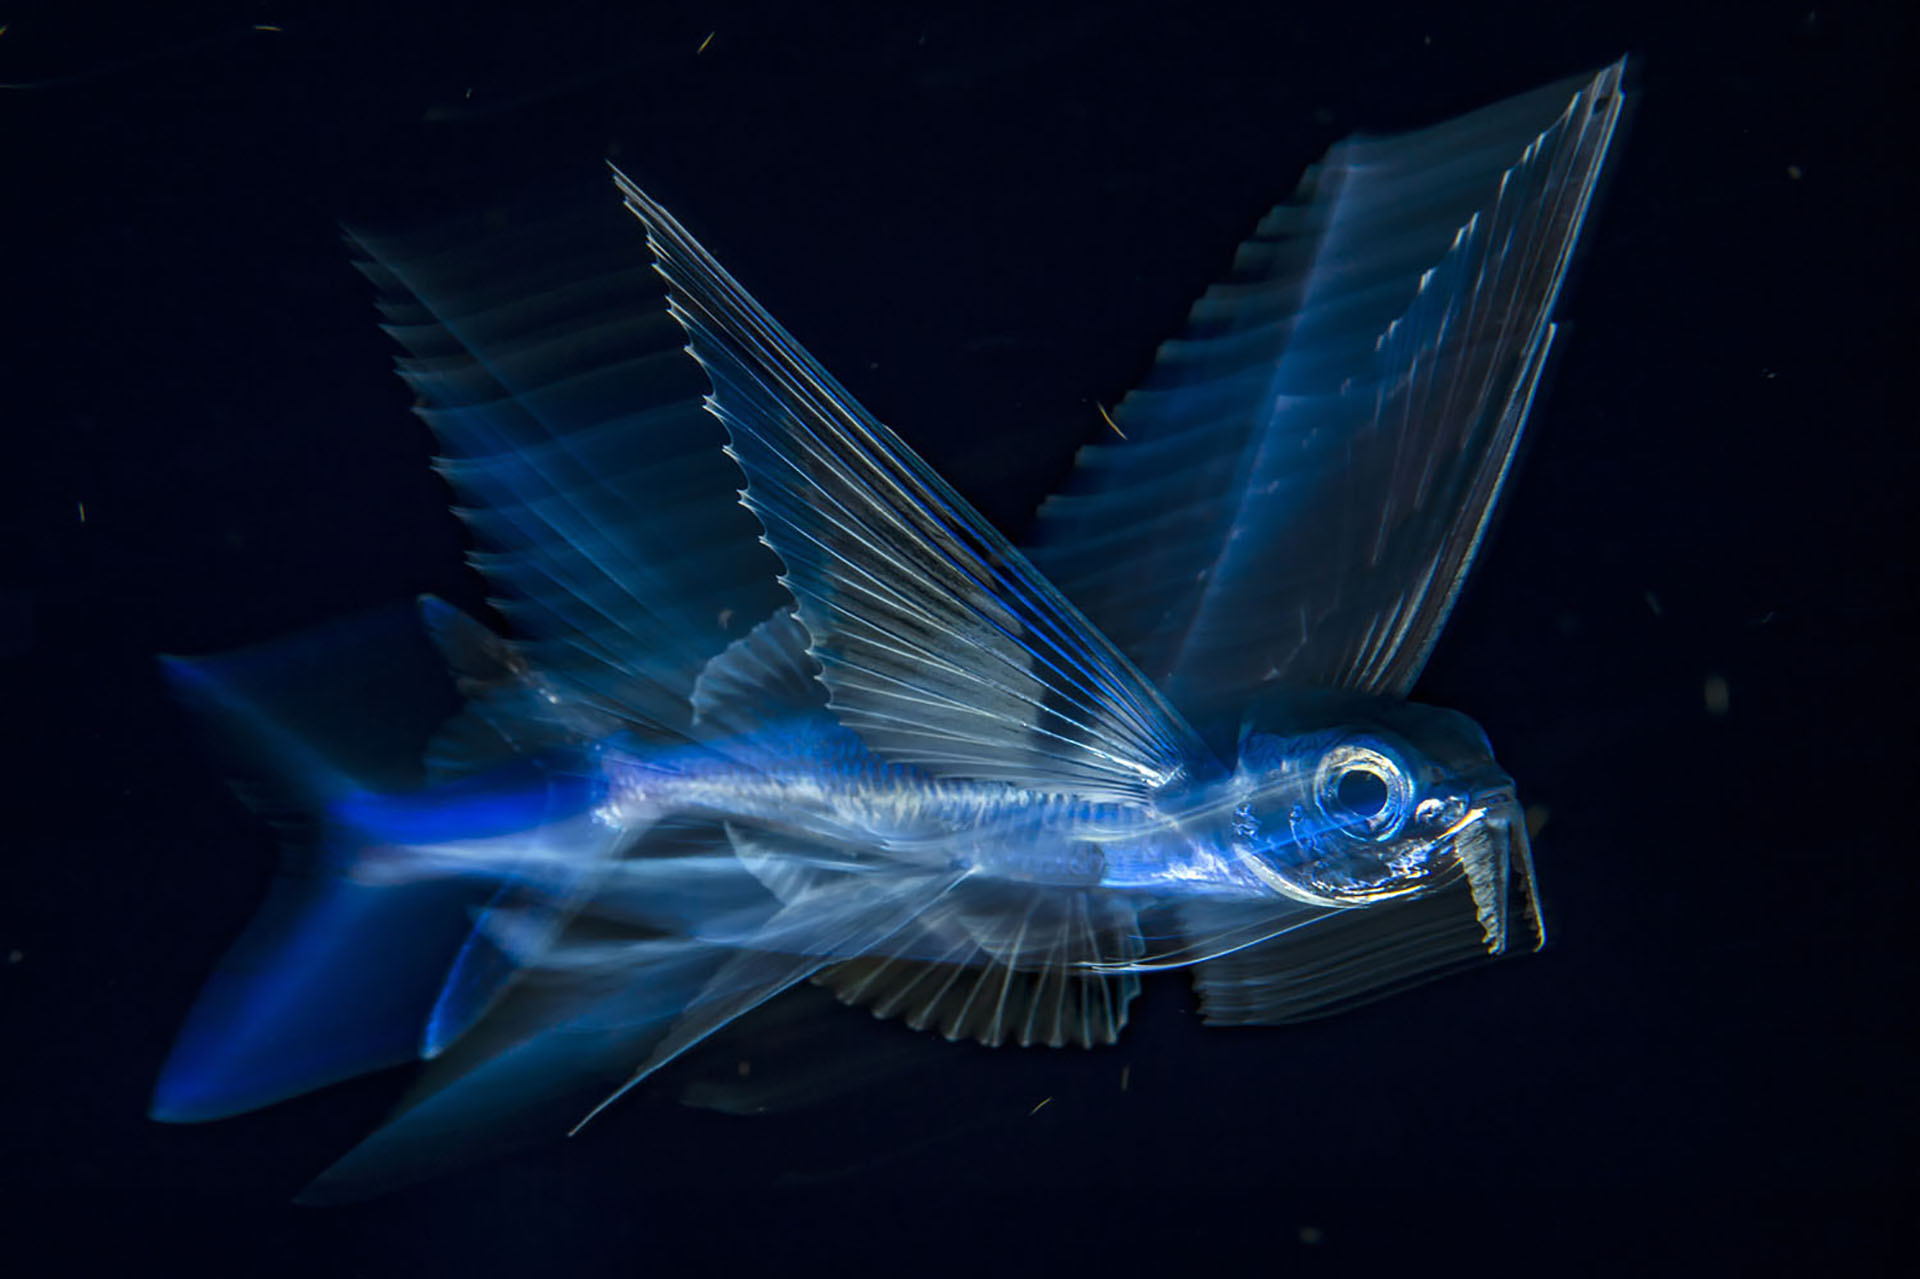 Animado por la corriente del Golfo, un pez volador atraviesa el agua oscura de noche a cinco millas de Palm Beach, Florida.